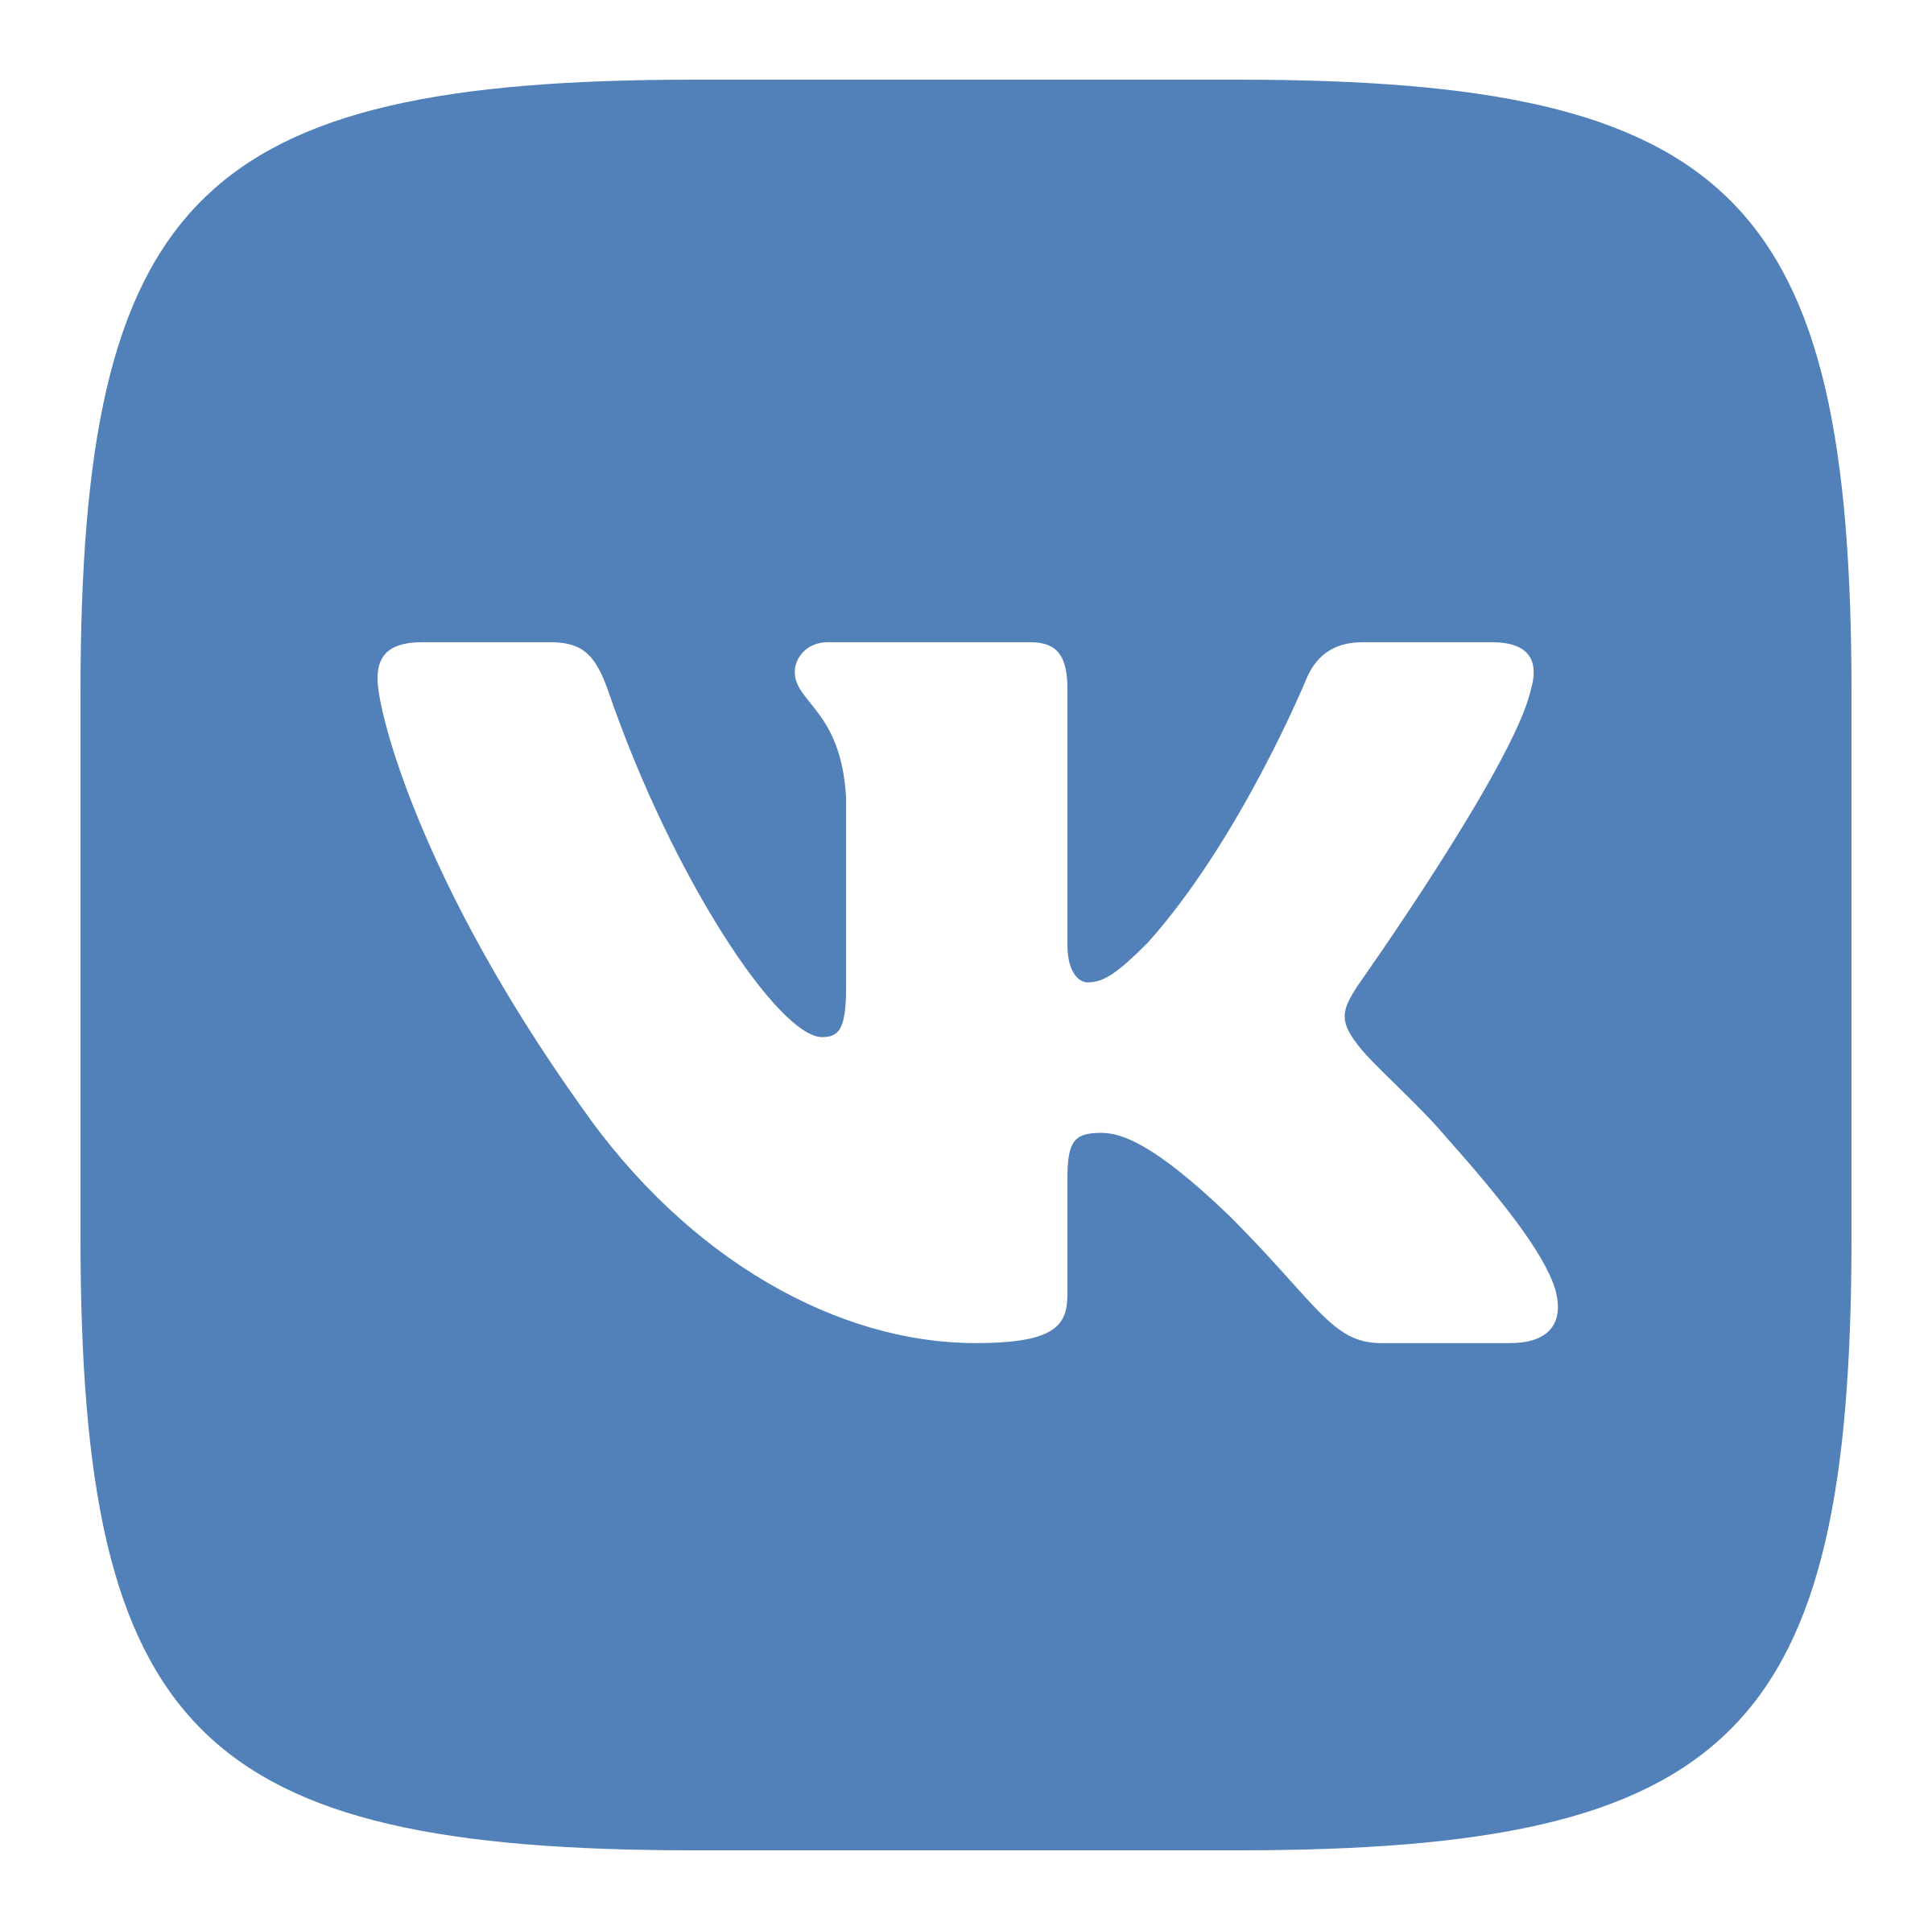 Png to vector. Vk logo transparent svg